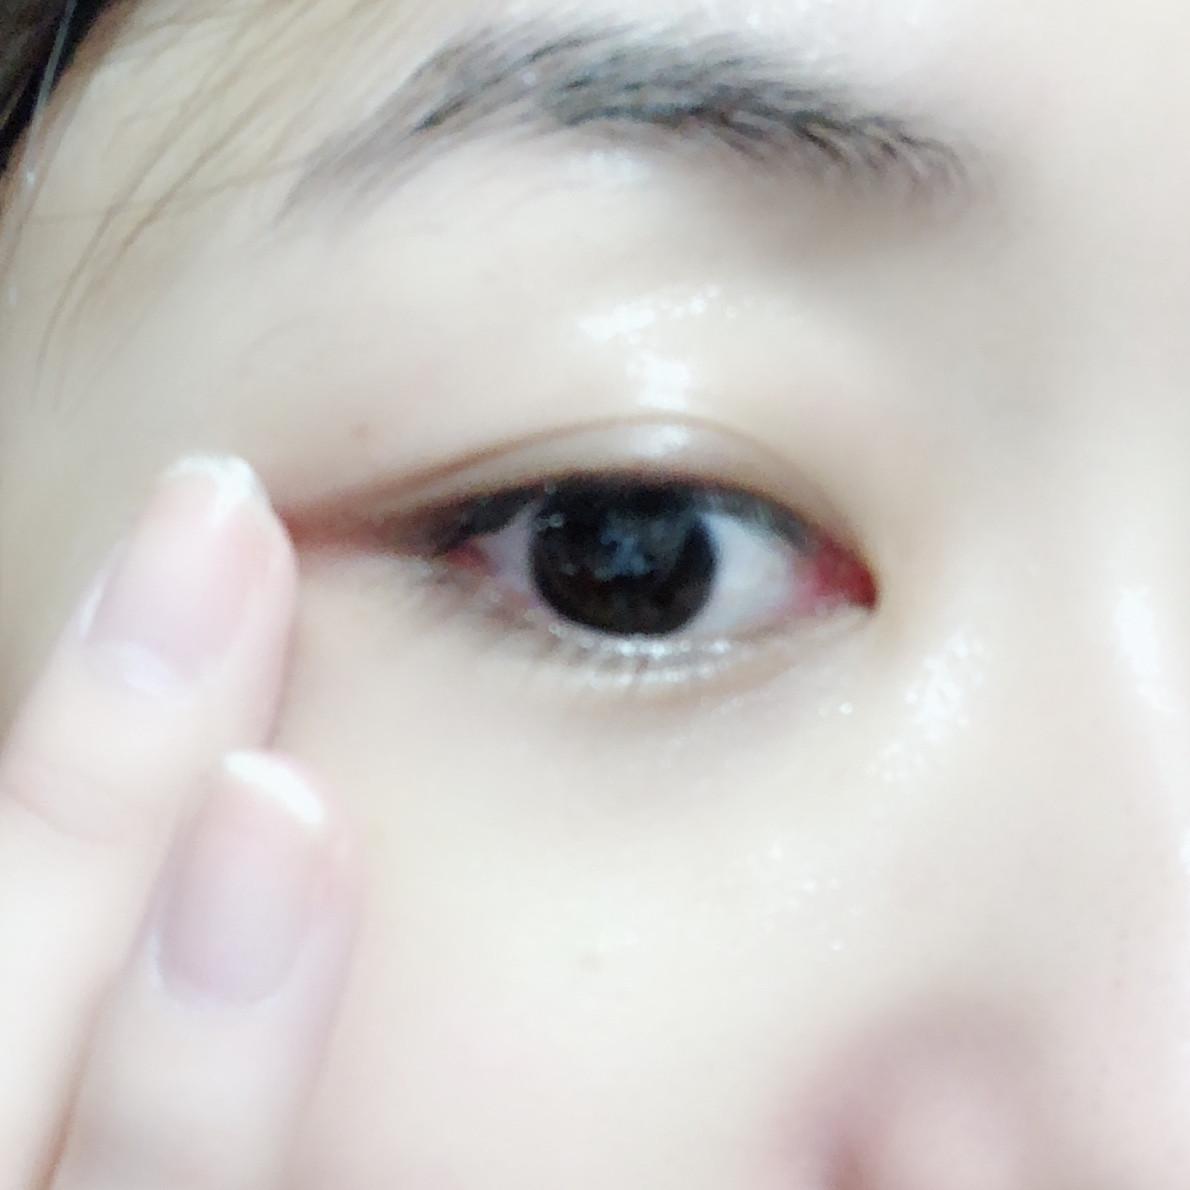 【アイクリーム】目もとの潤いが1日中つづく♩ベスト・オブ・ベスト「B.A アイゾーンクリーム」_1_3